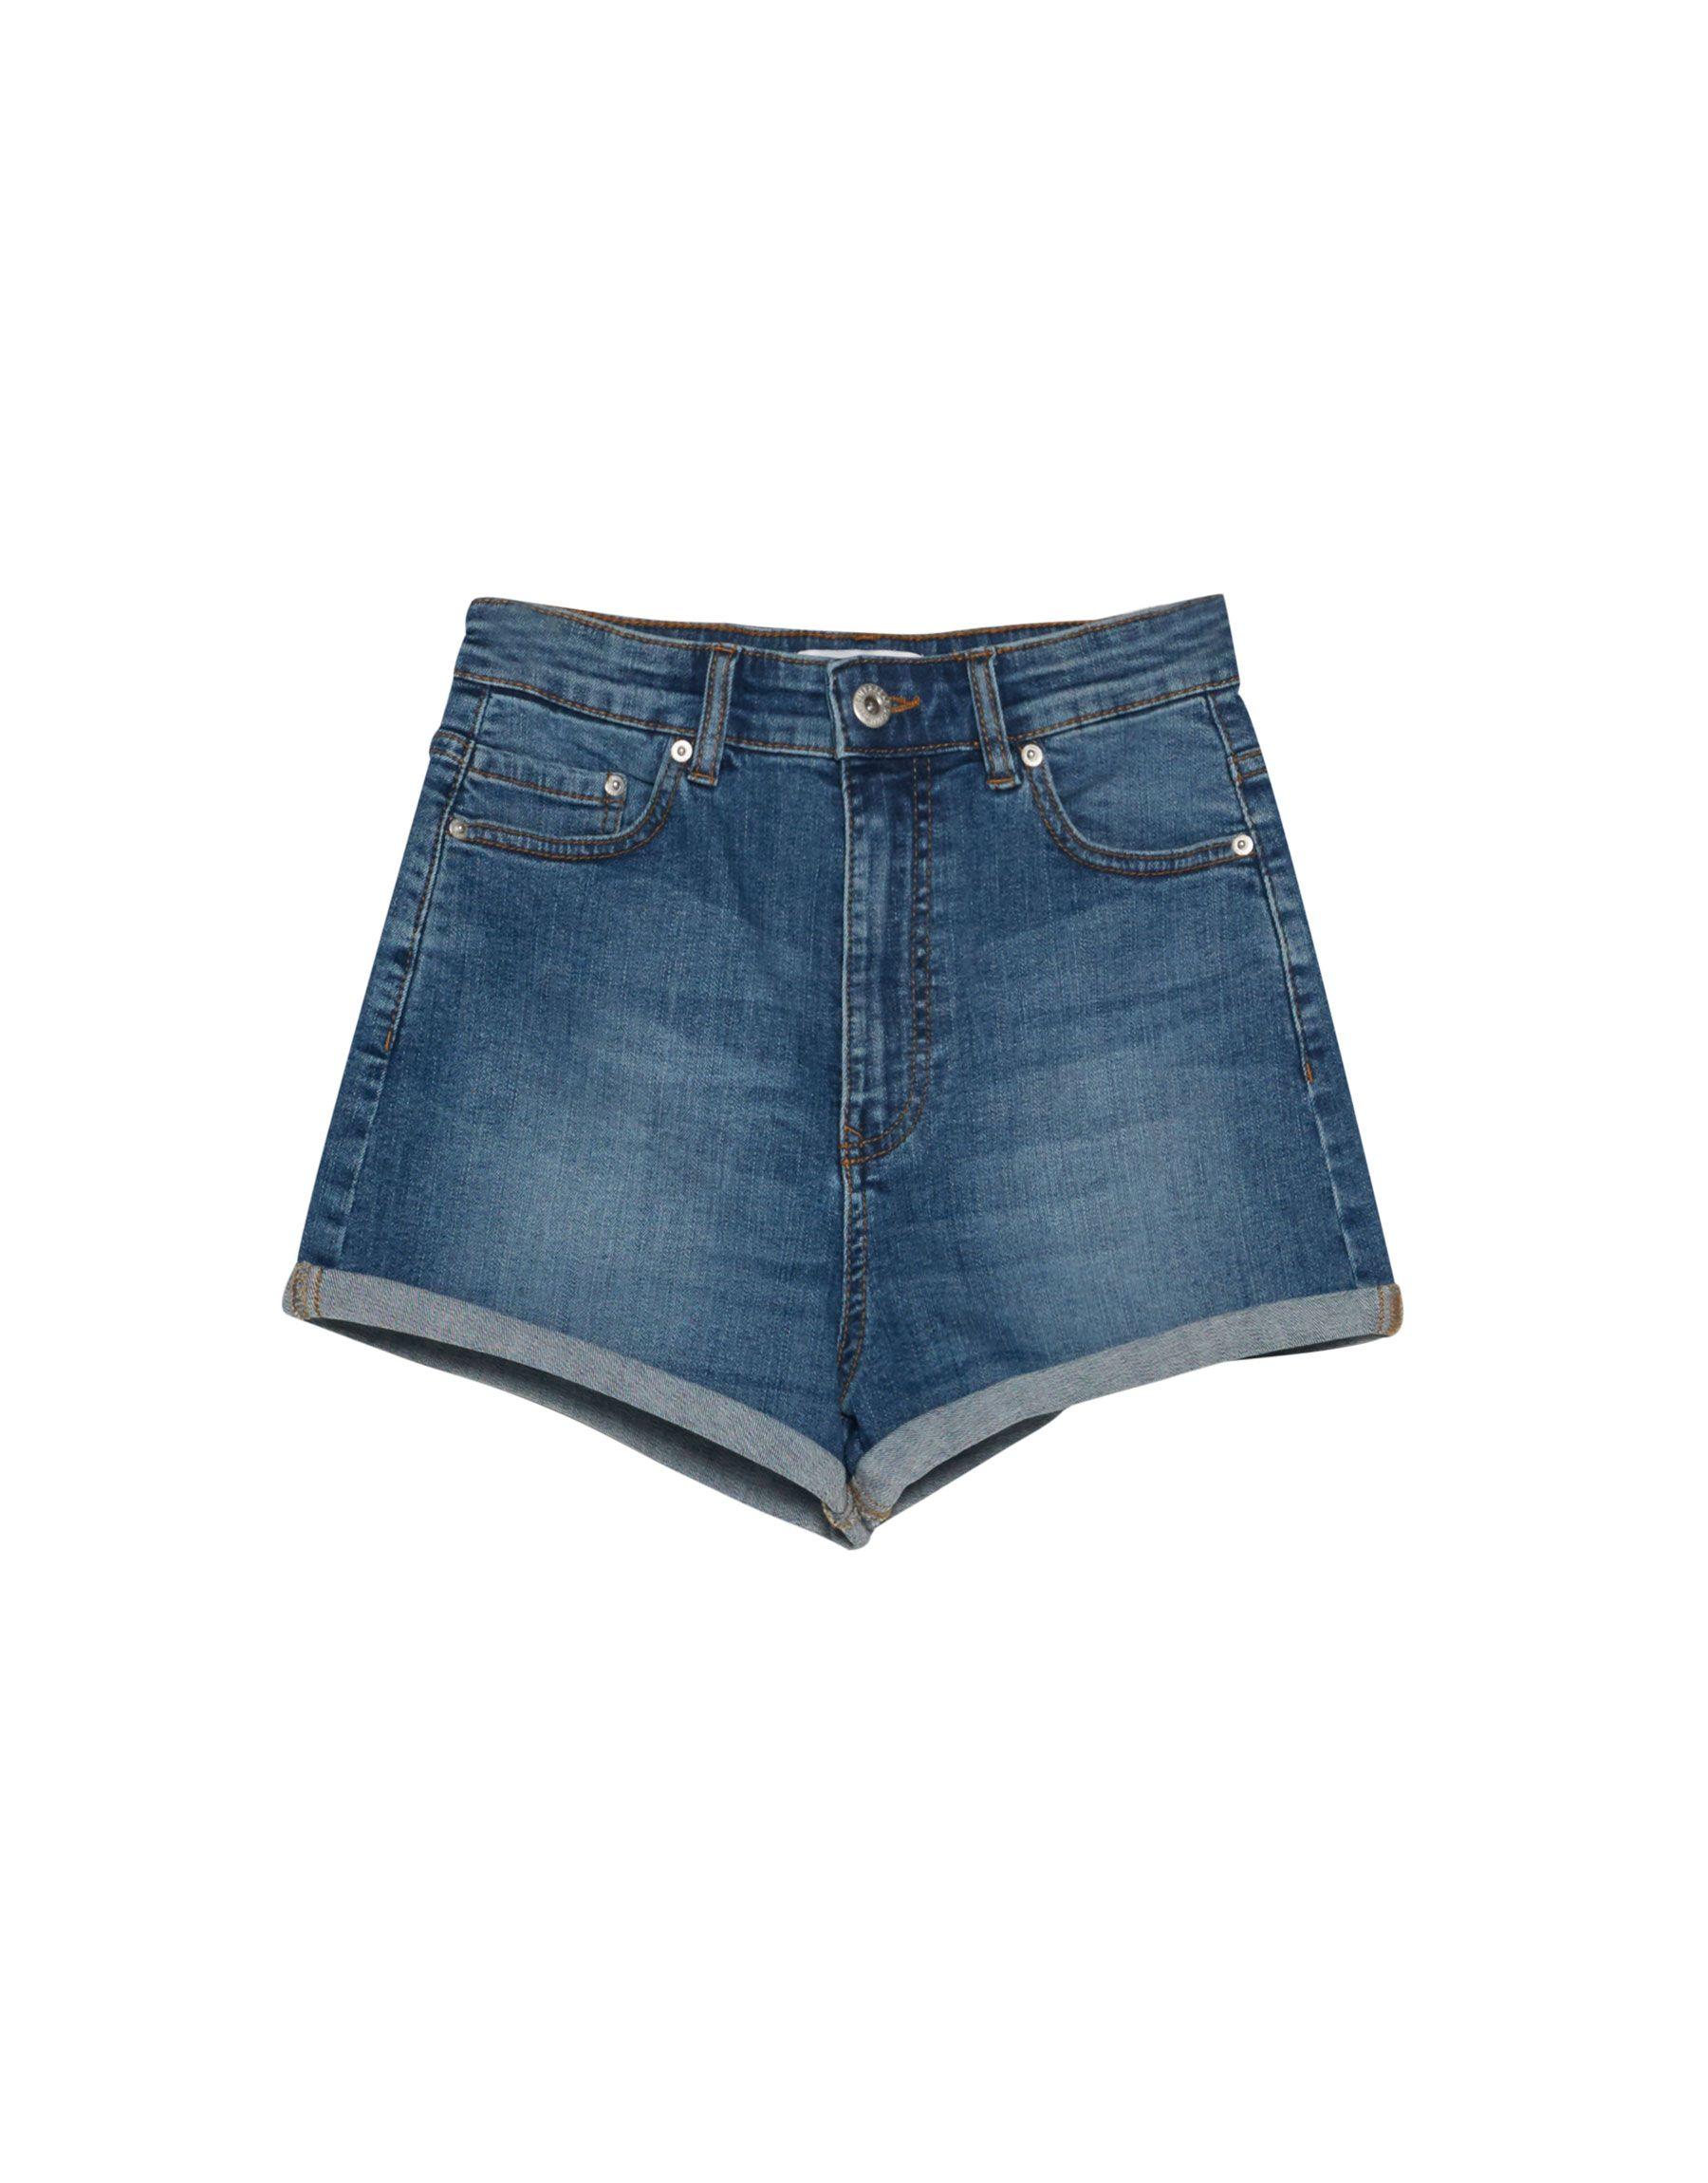 5f95717aa6865 Calções de ganga cintura subida - Bermudas E Shorts - Vestuário - Mulher -  PULL BEAR Portugal